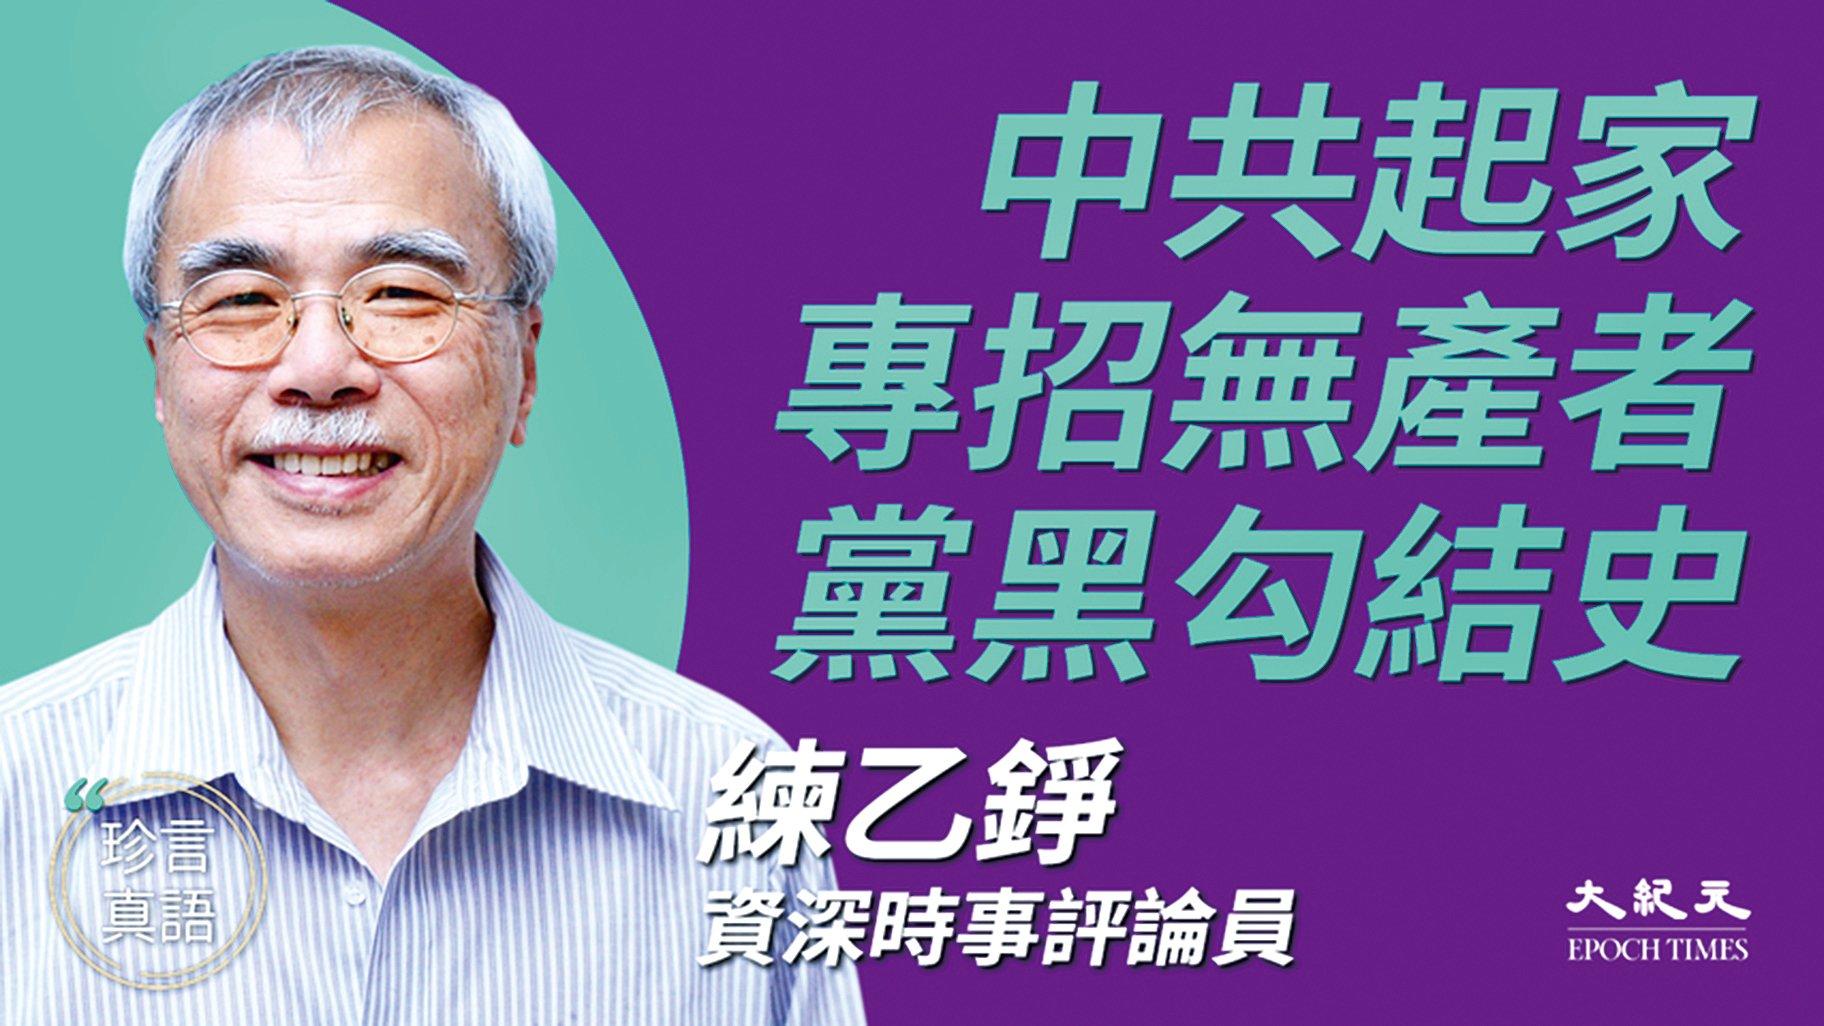 著名香港學者、時事評論員練乙錚表示,今年4月香港《大紀元時報》印刷廠被暴徒砸毀,5月採訪主任出門又在路上遭毆打,這些黑社會的招數,都很足以反映共產黨的本質。(大紀元合成)